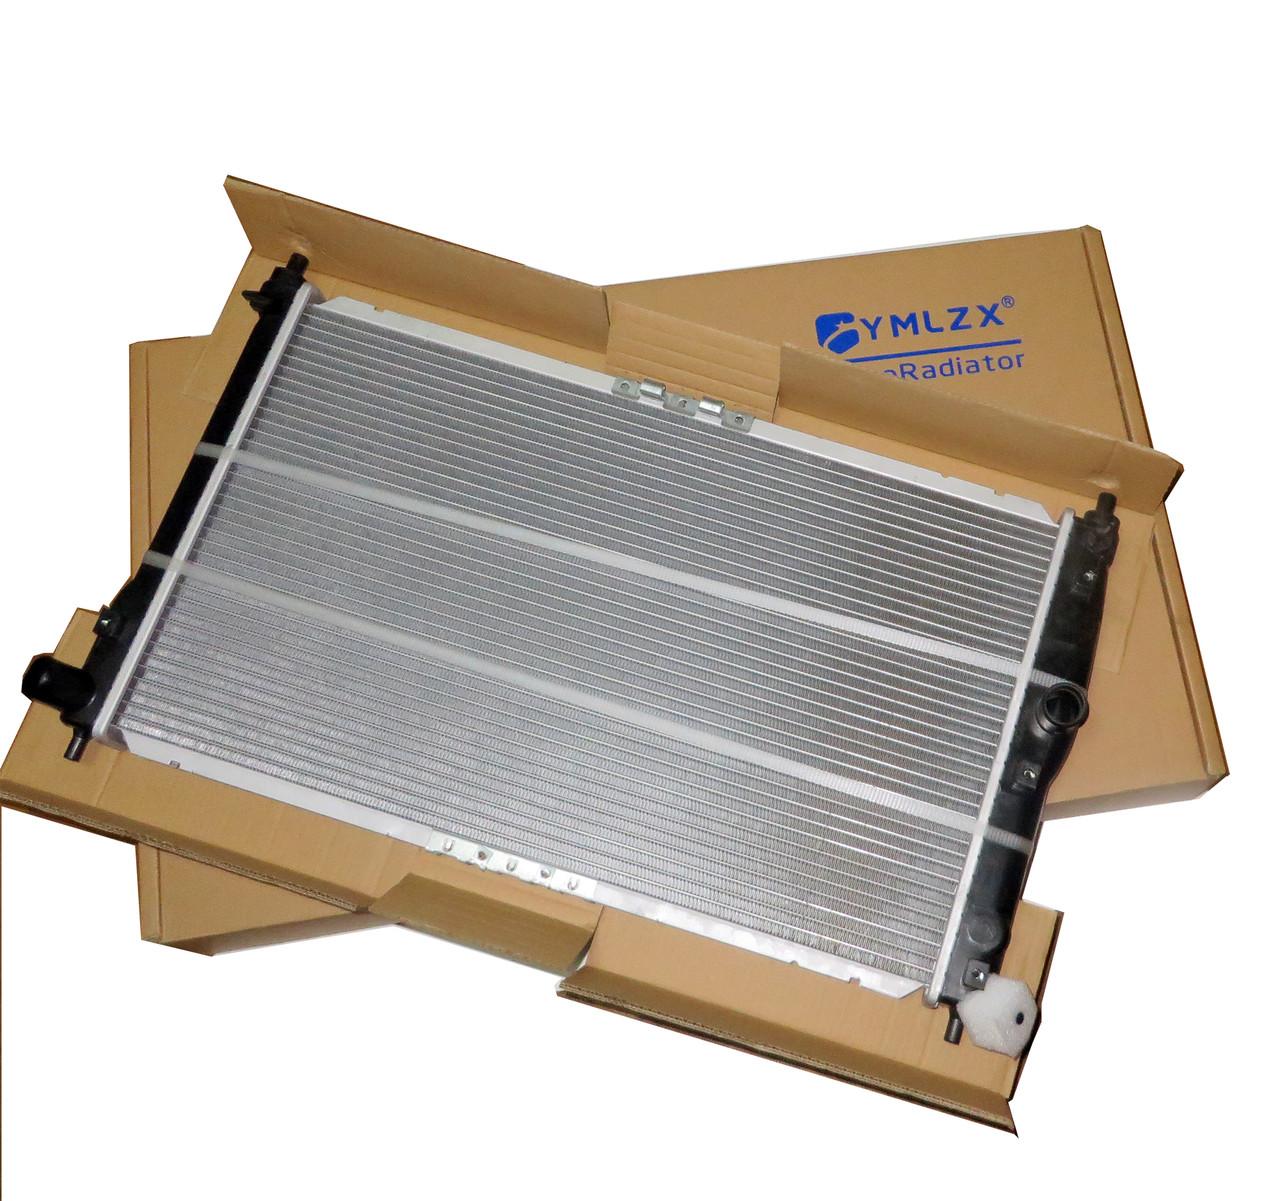 Радиатор основной Леганза, МКПП, YMLZX, YML-BR-239, 96273596-